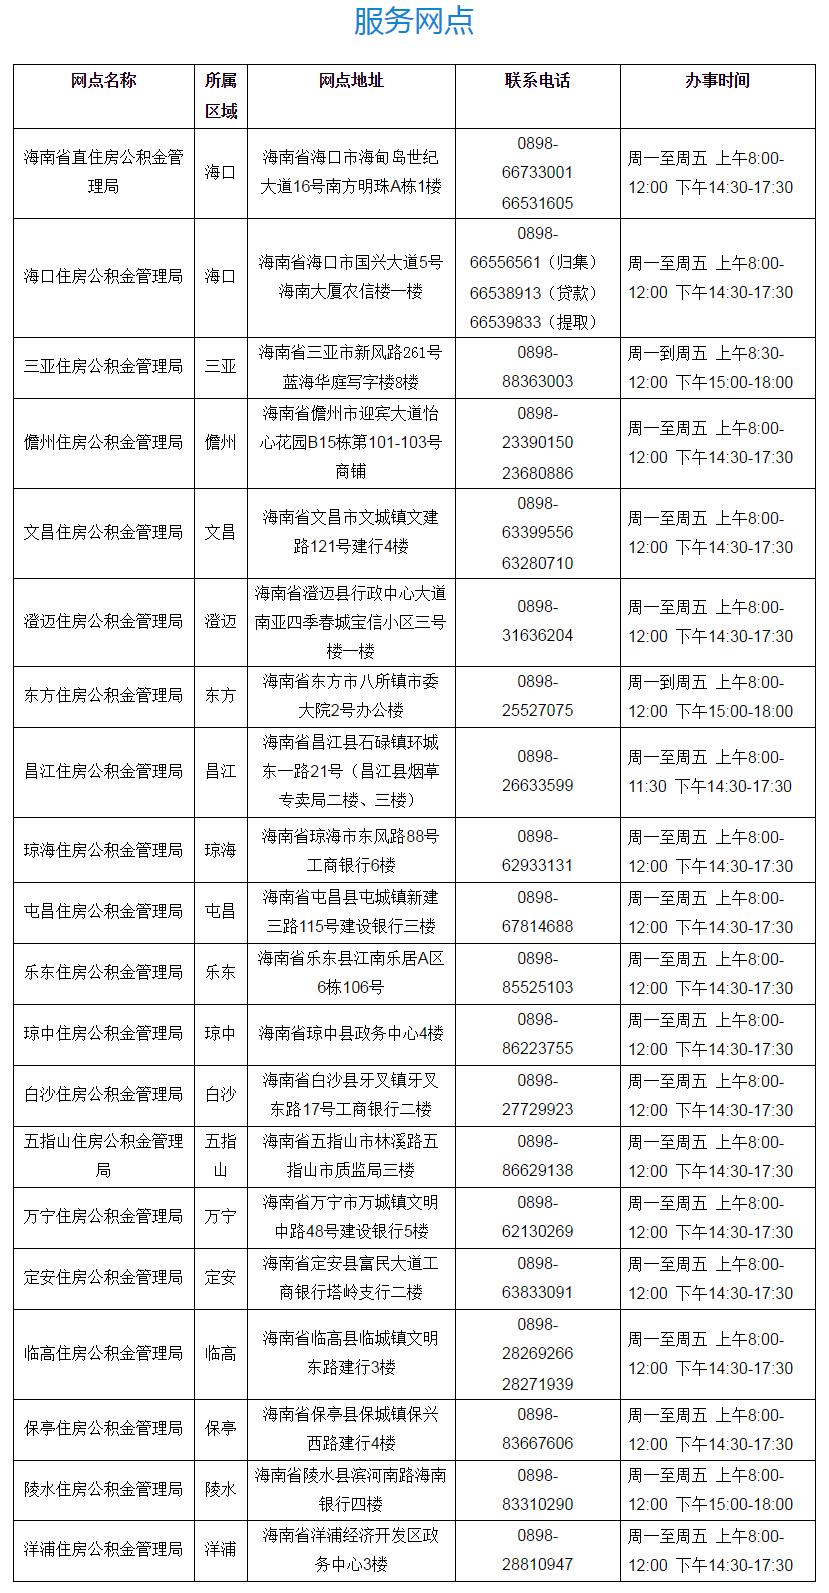 抗击疫情·防控 | 海南省住房公积金服务大厅继续暂停现场业务办理